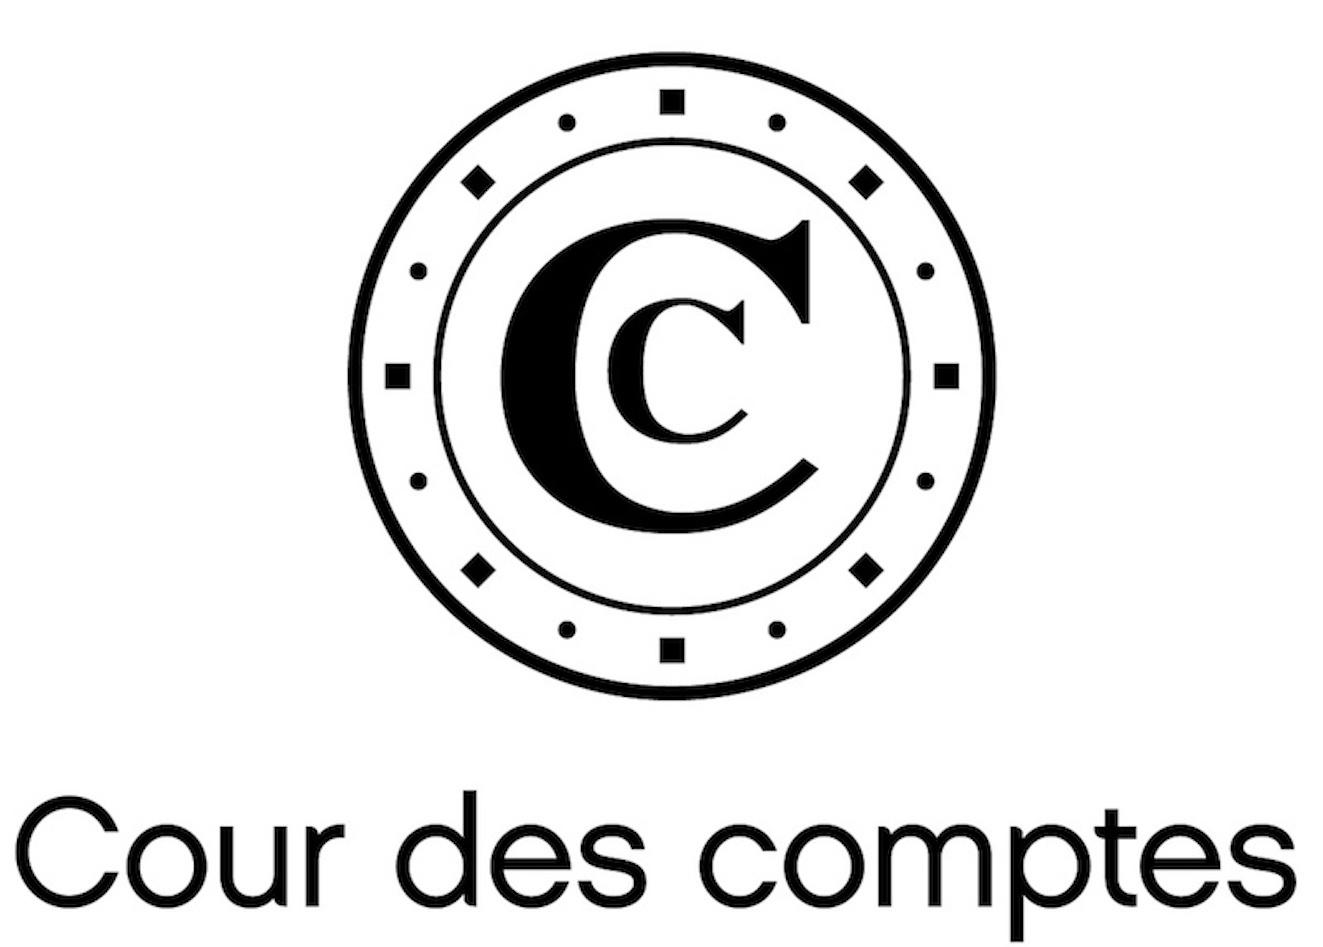 logo-cour-des-comptes-111513.jpg